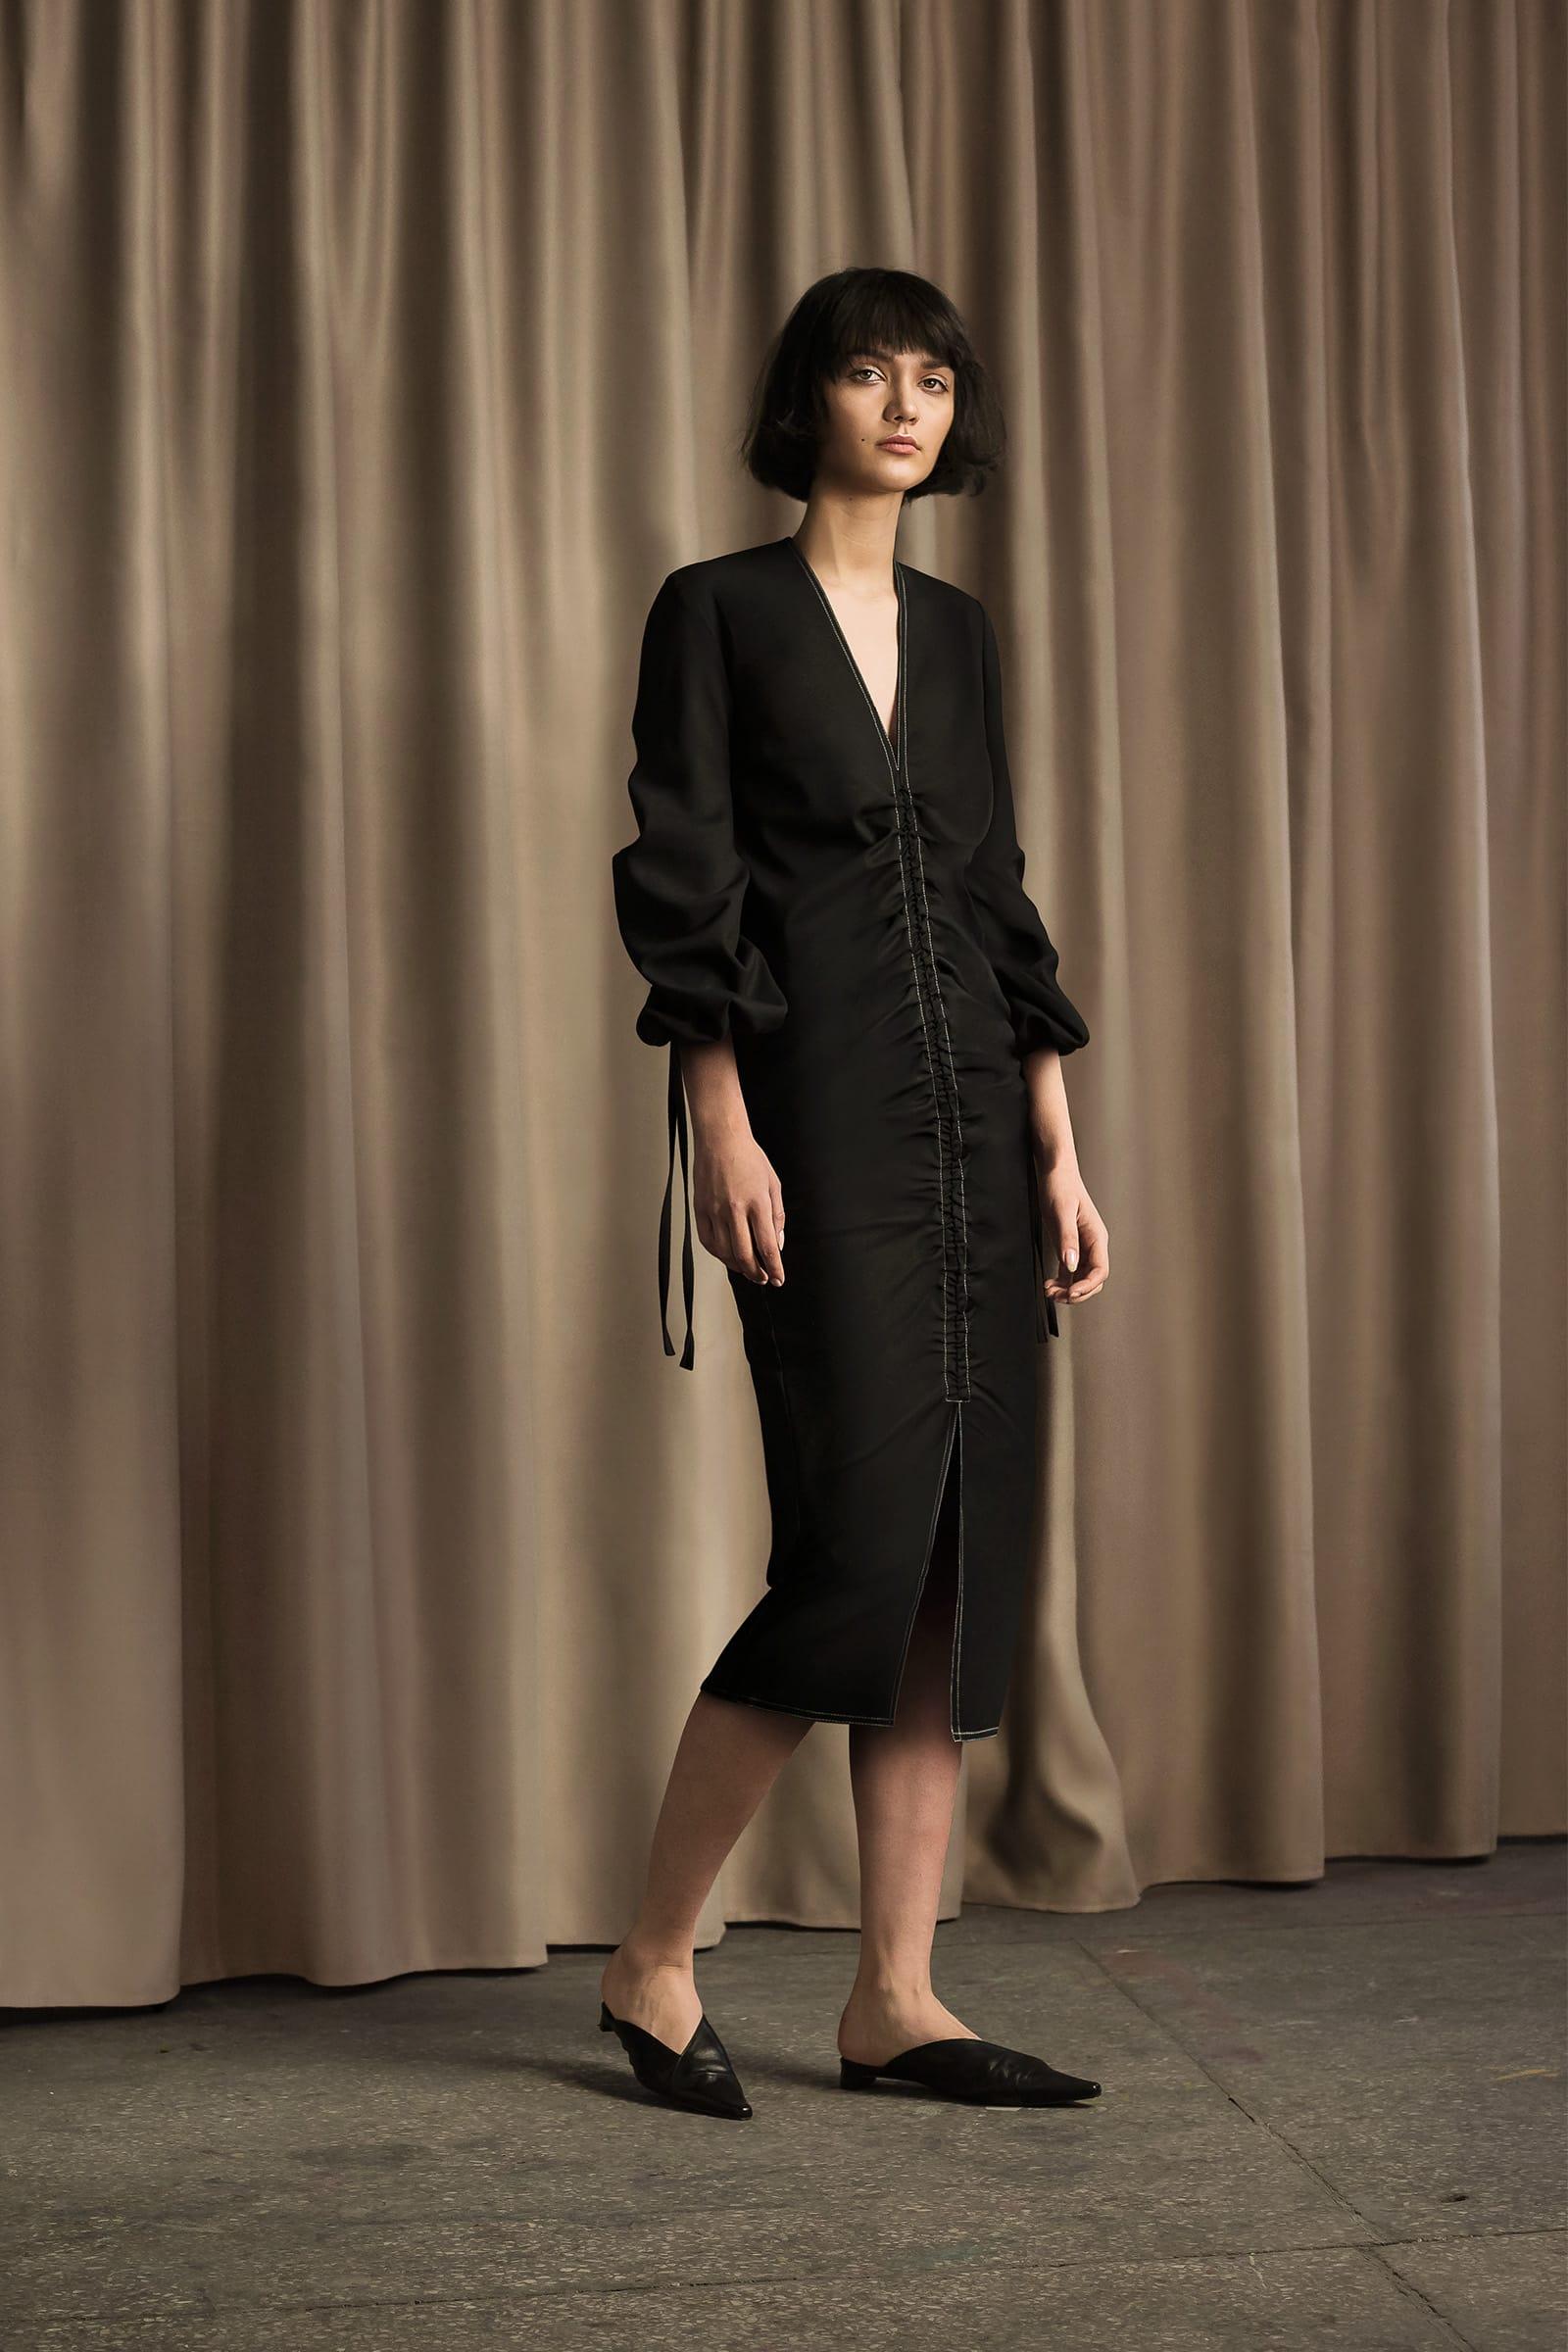 sukienka-z-marszczeniem_cyvonyuk_lookbook_C_02